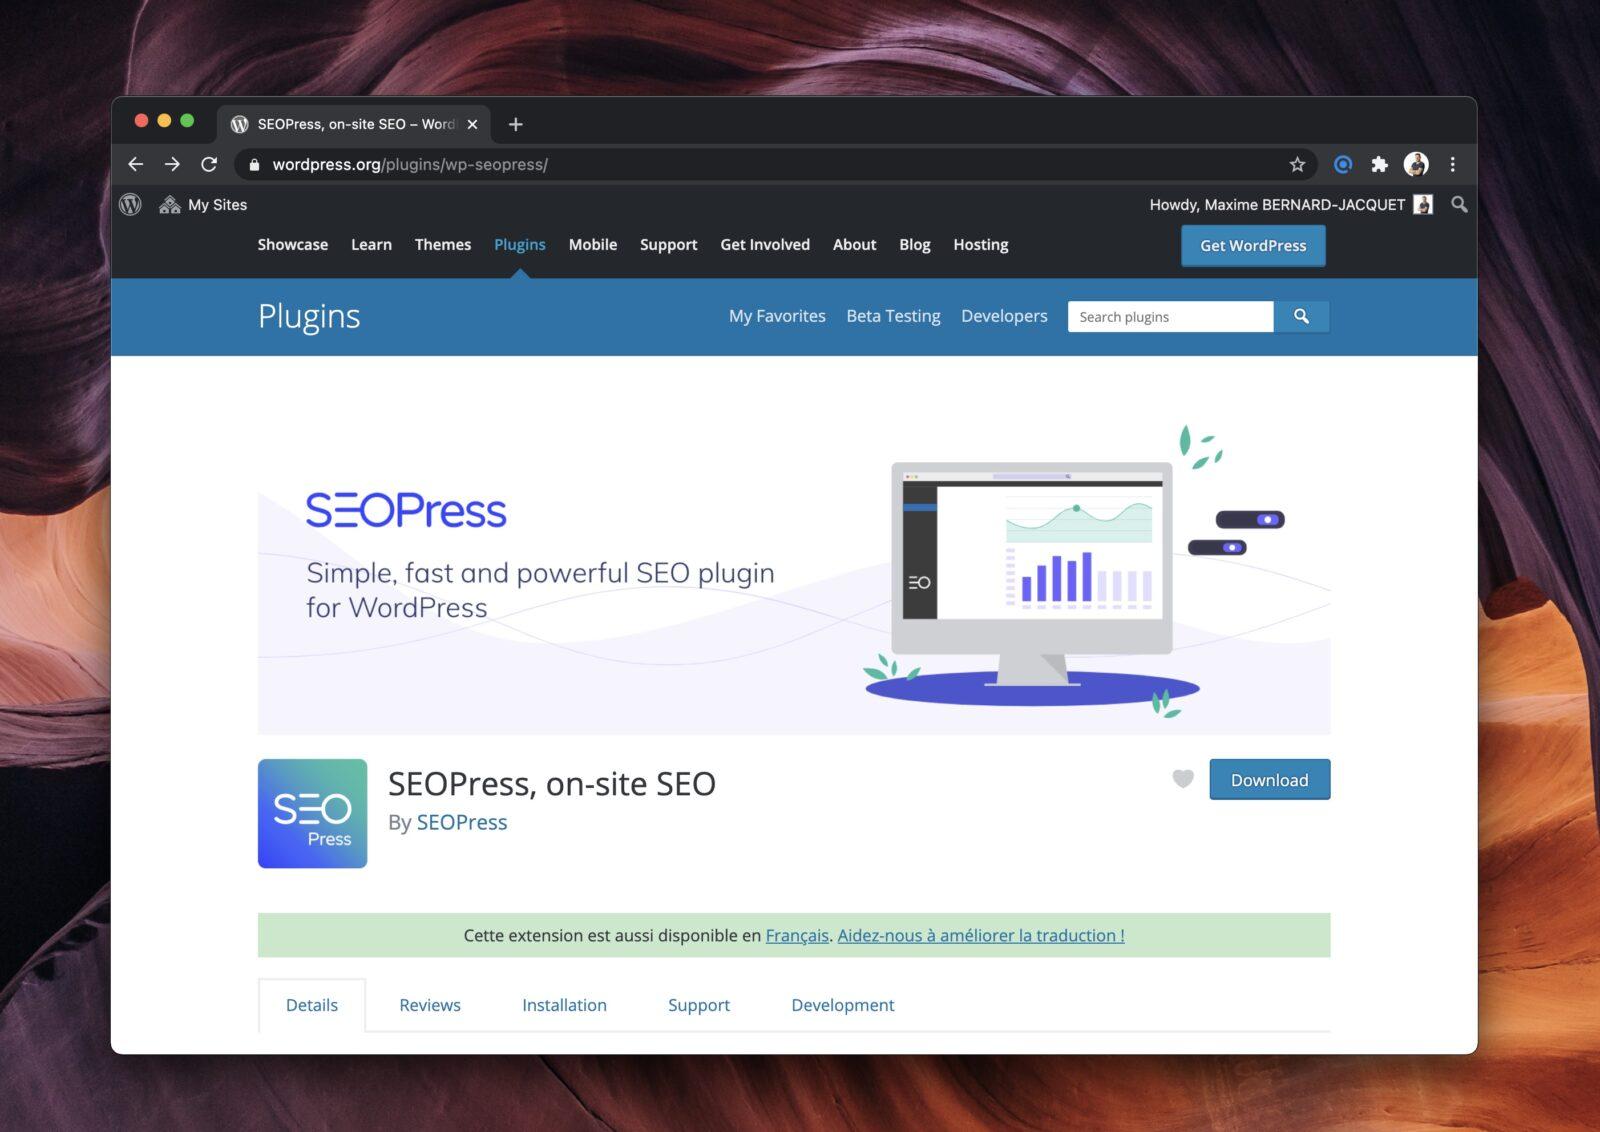 La page officielle d'une extension wordpress.org